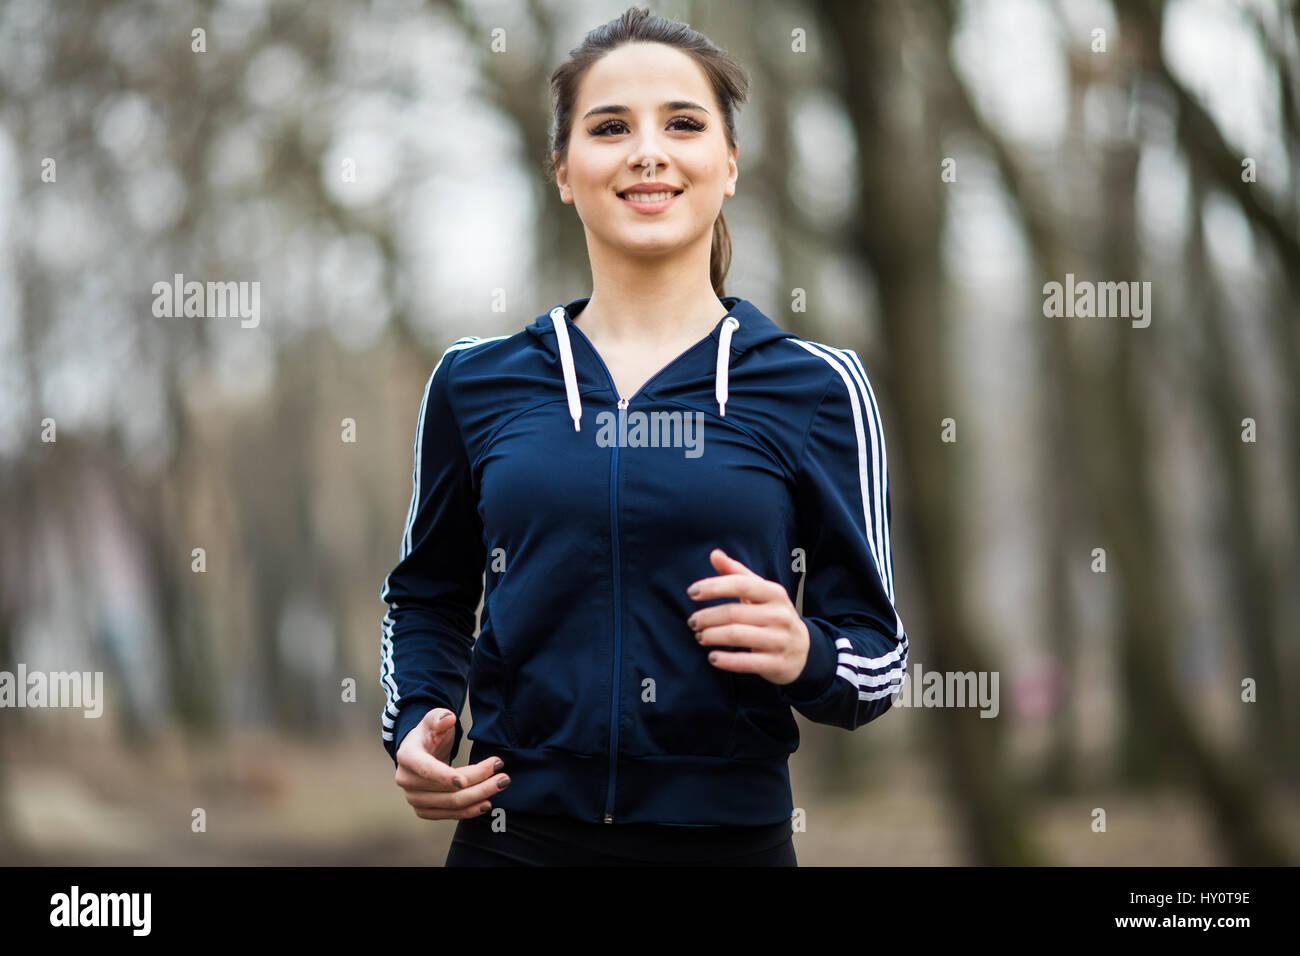 Jeune femme en cours d'exécution et de formation à l'automne nature Photo Stock